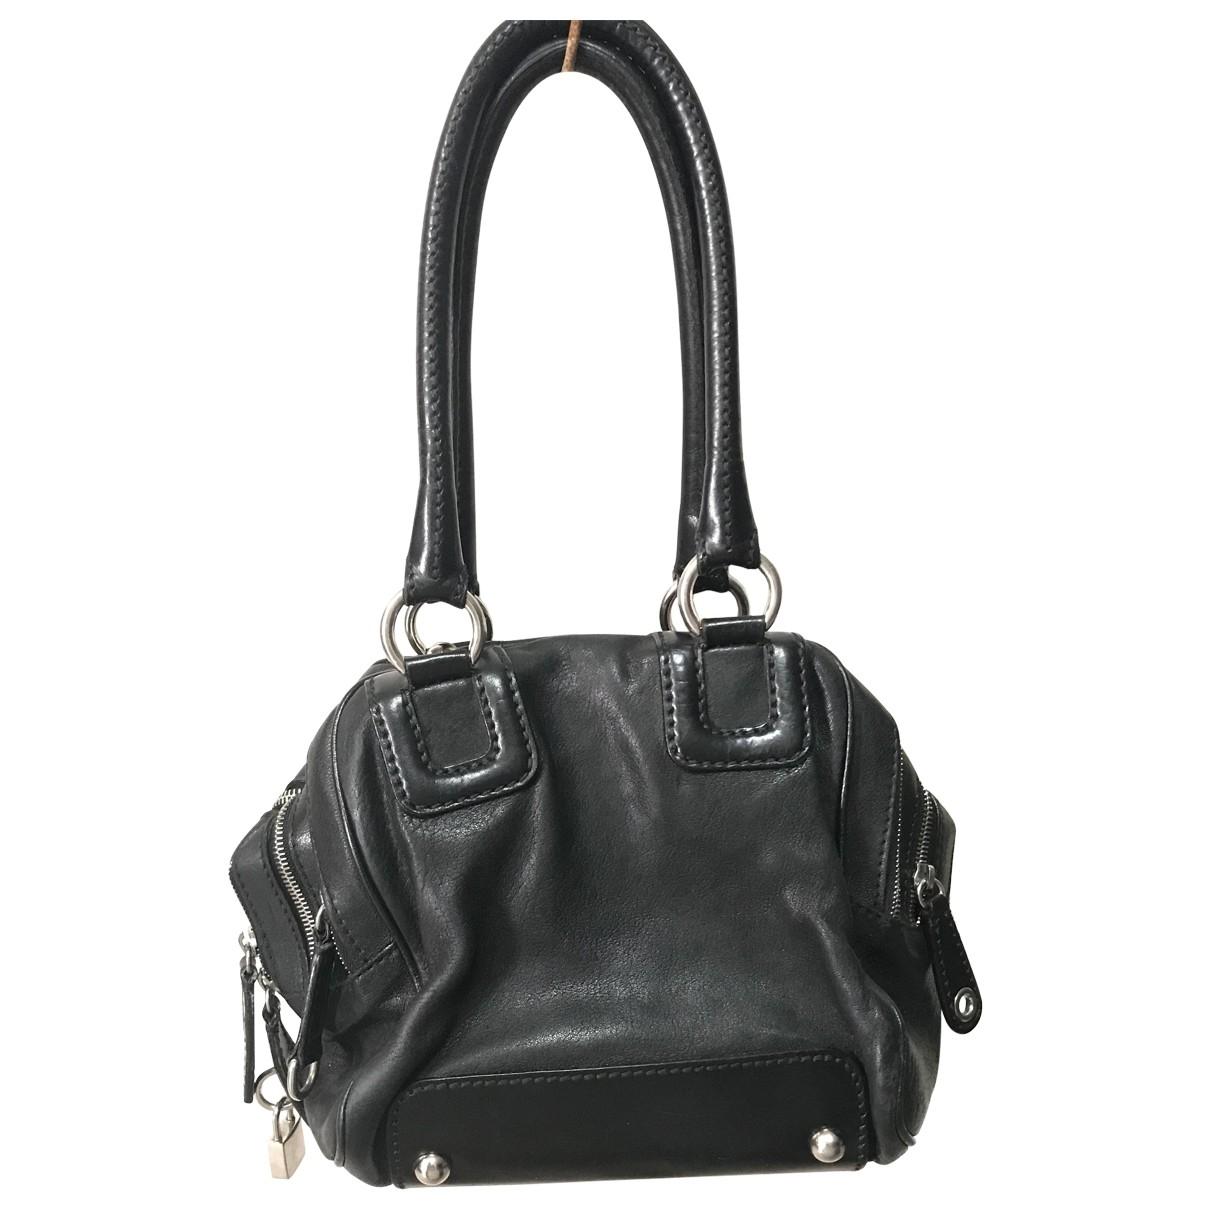 D&g \N Handtasche in  Schwarz Leder